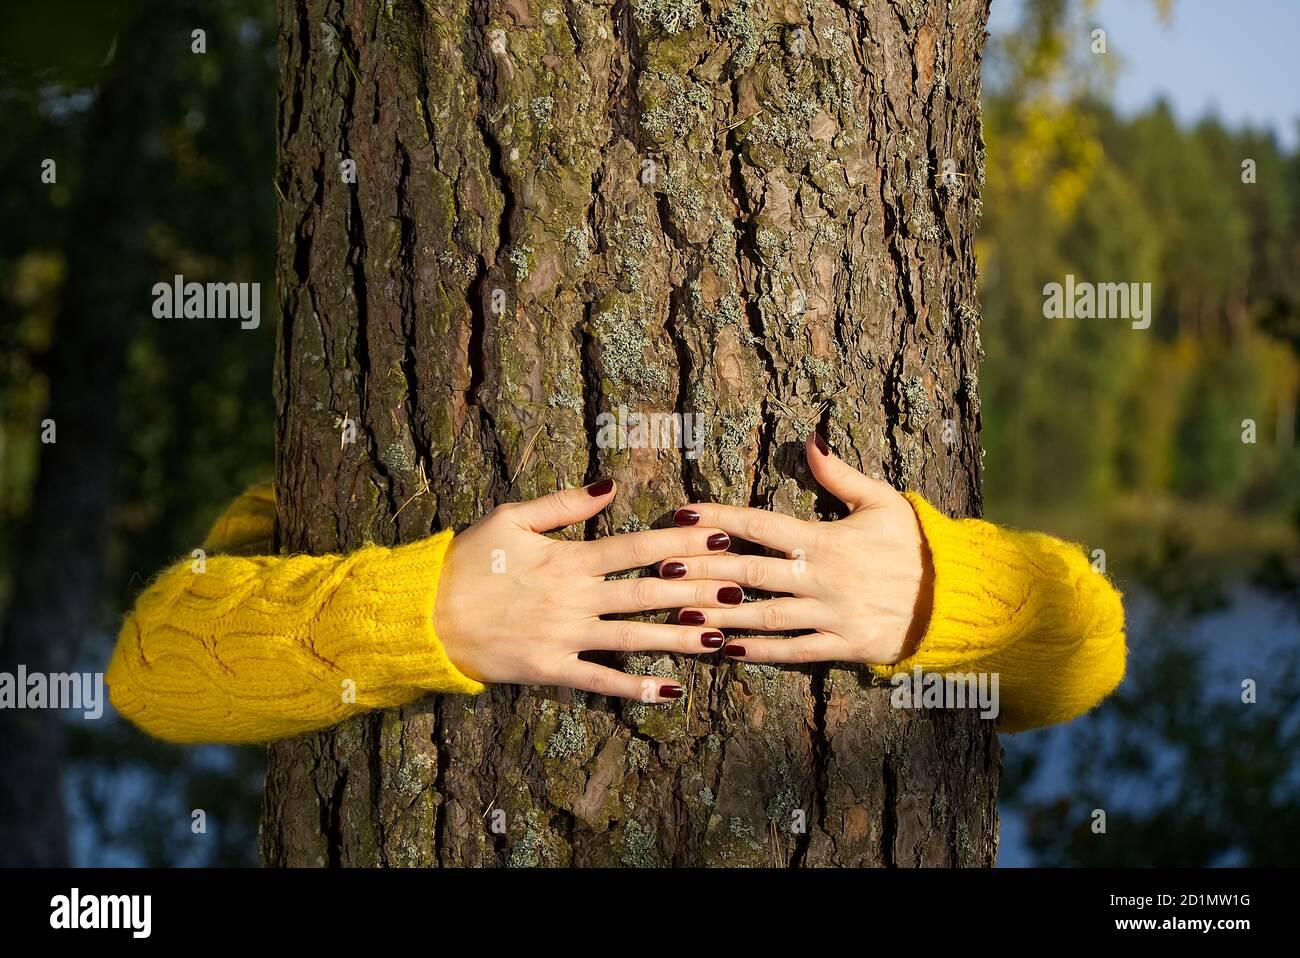 Femme mains embrassant tronc de pin en automne forêt écologie et environnement concept, mode de vie écologique - changer le monde, la protection de la vie et de la planète Banque D'Images